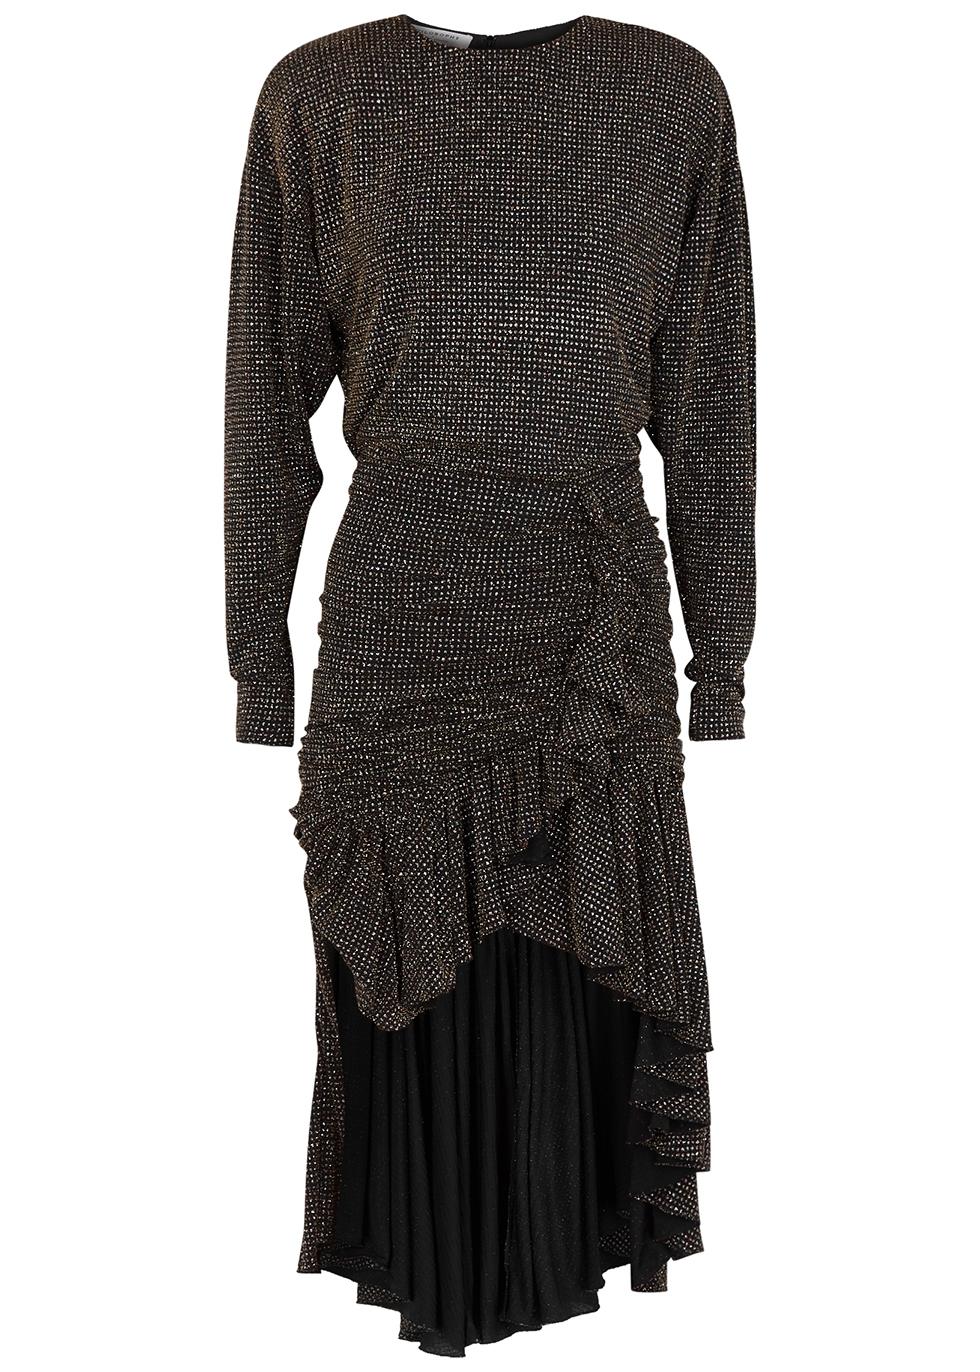 Glittered polka-dot ruffle-trimmed dress